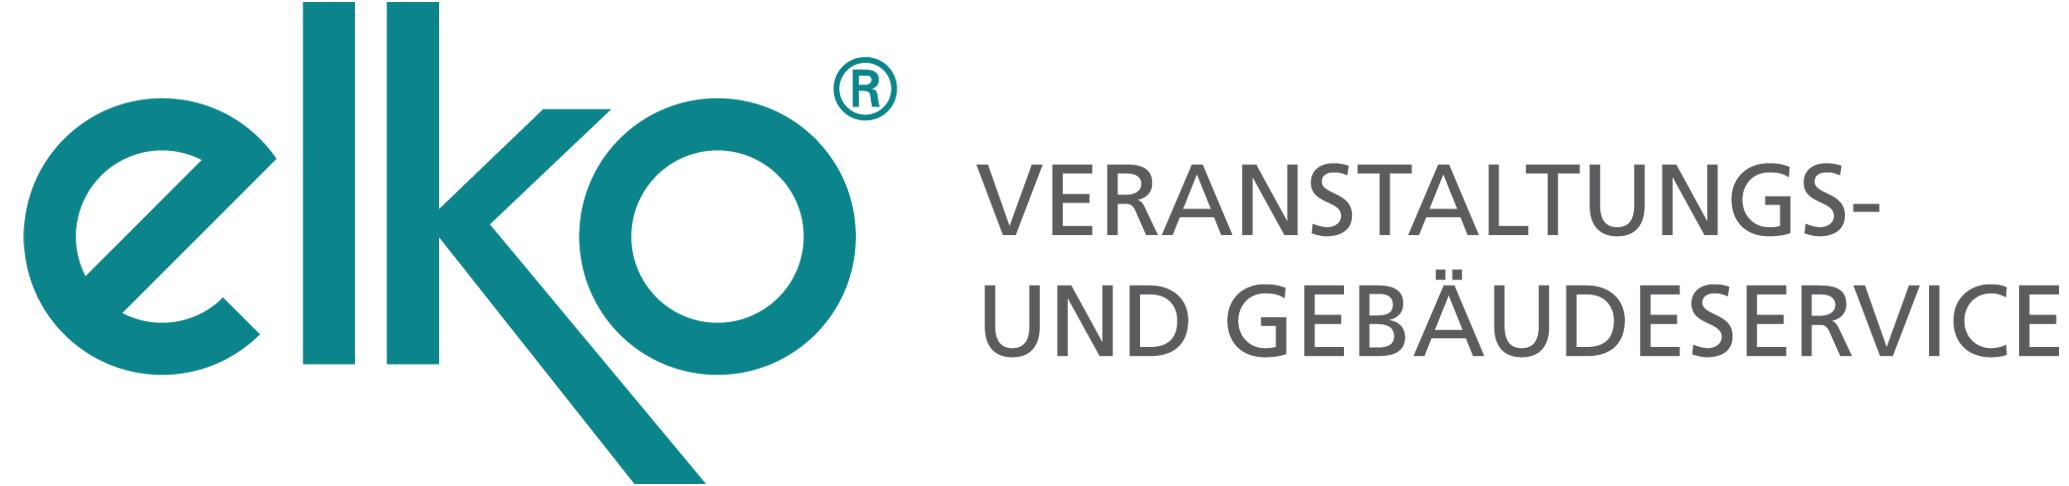 www.elko.de